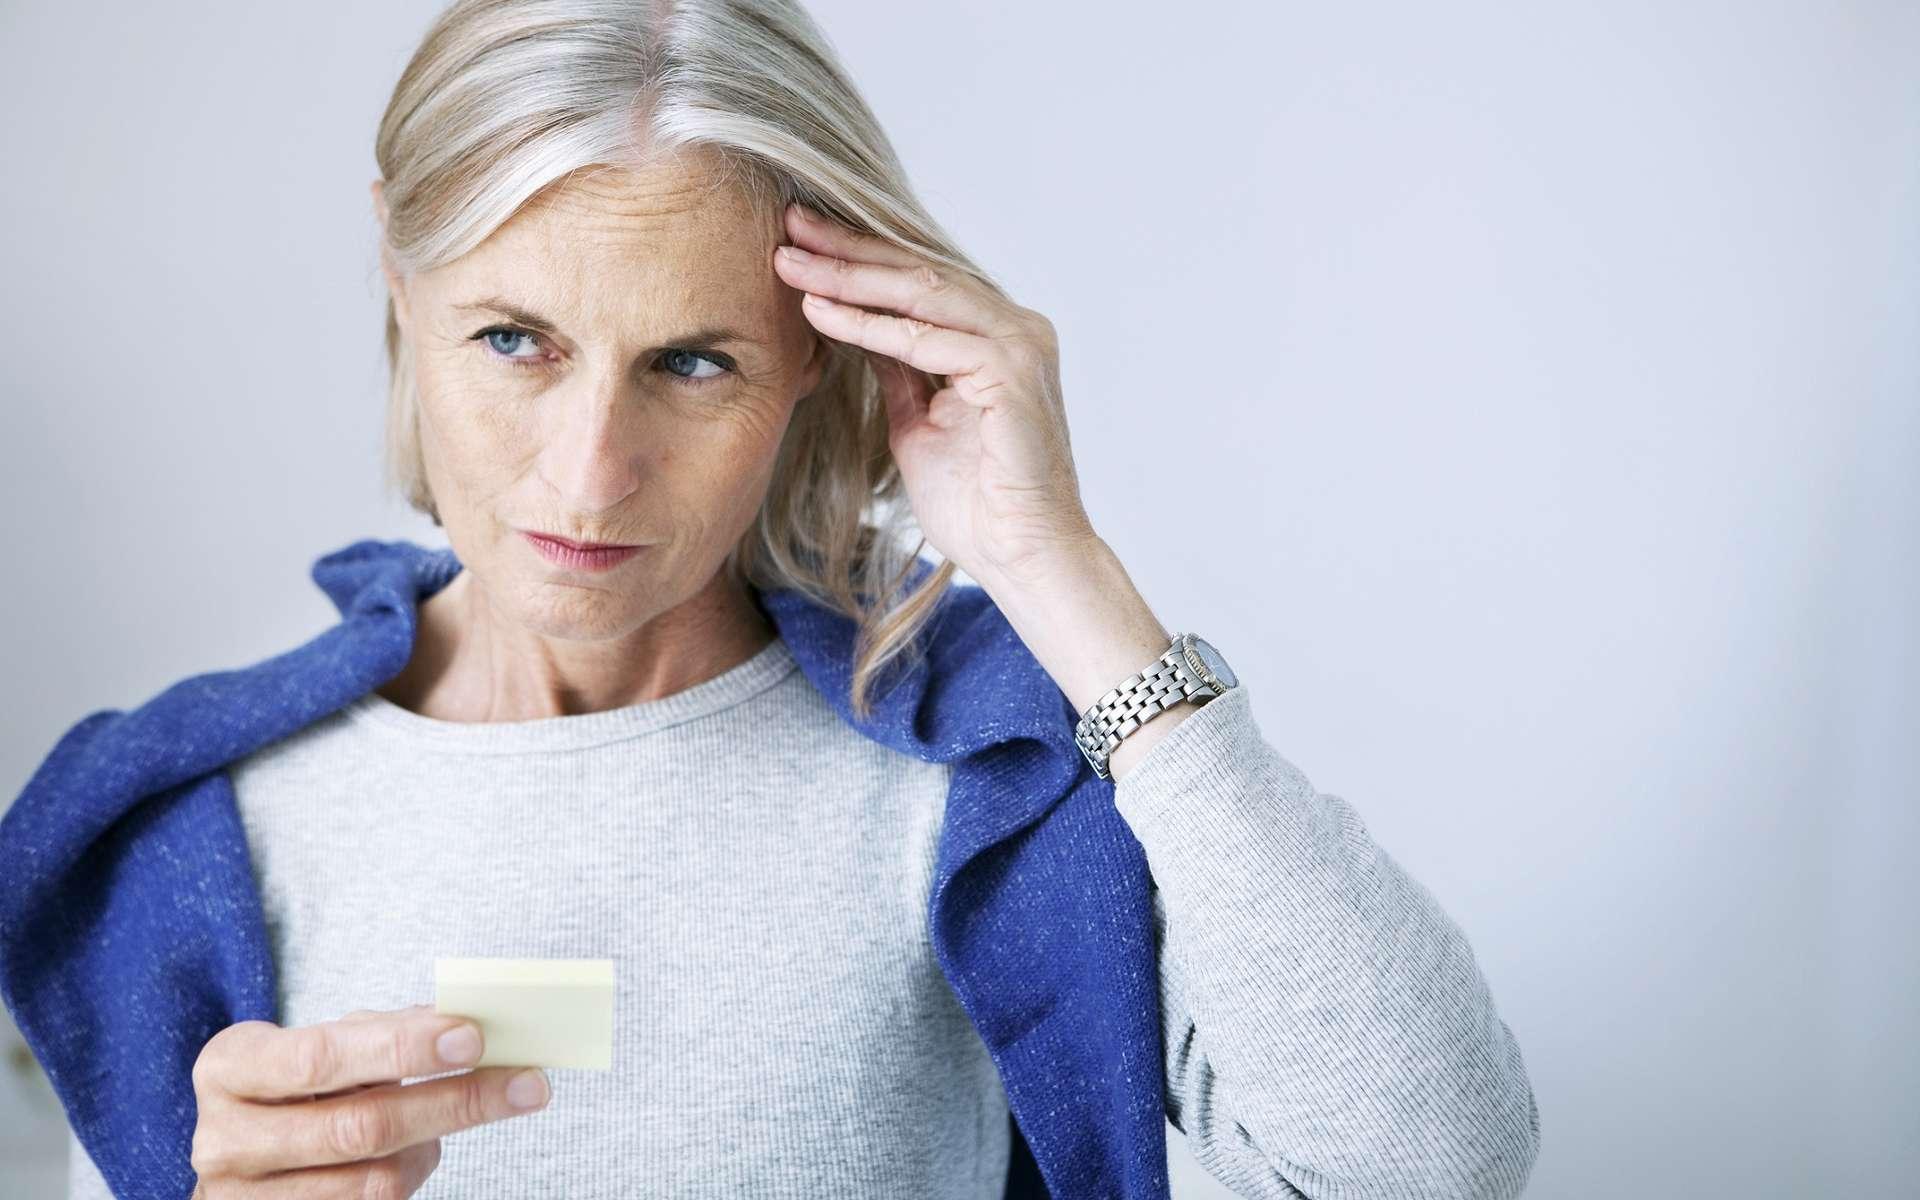 La mémoire de travail permet de traiter et de stocker des informations à court terme. © Image Point Fr, Shutterstock